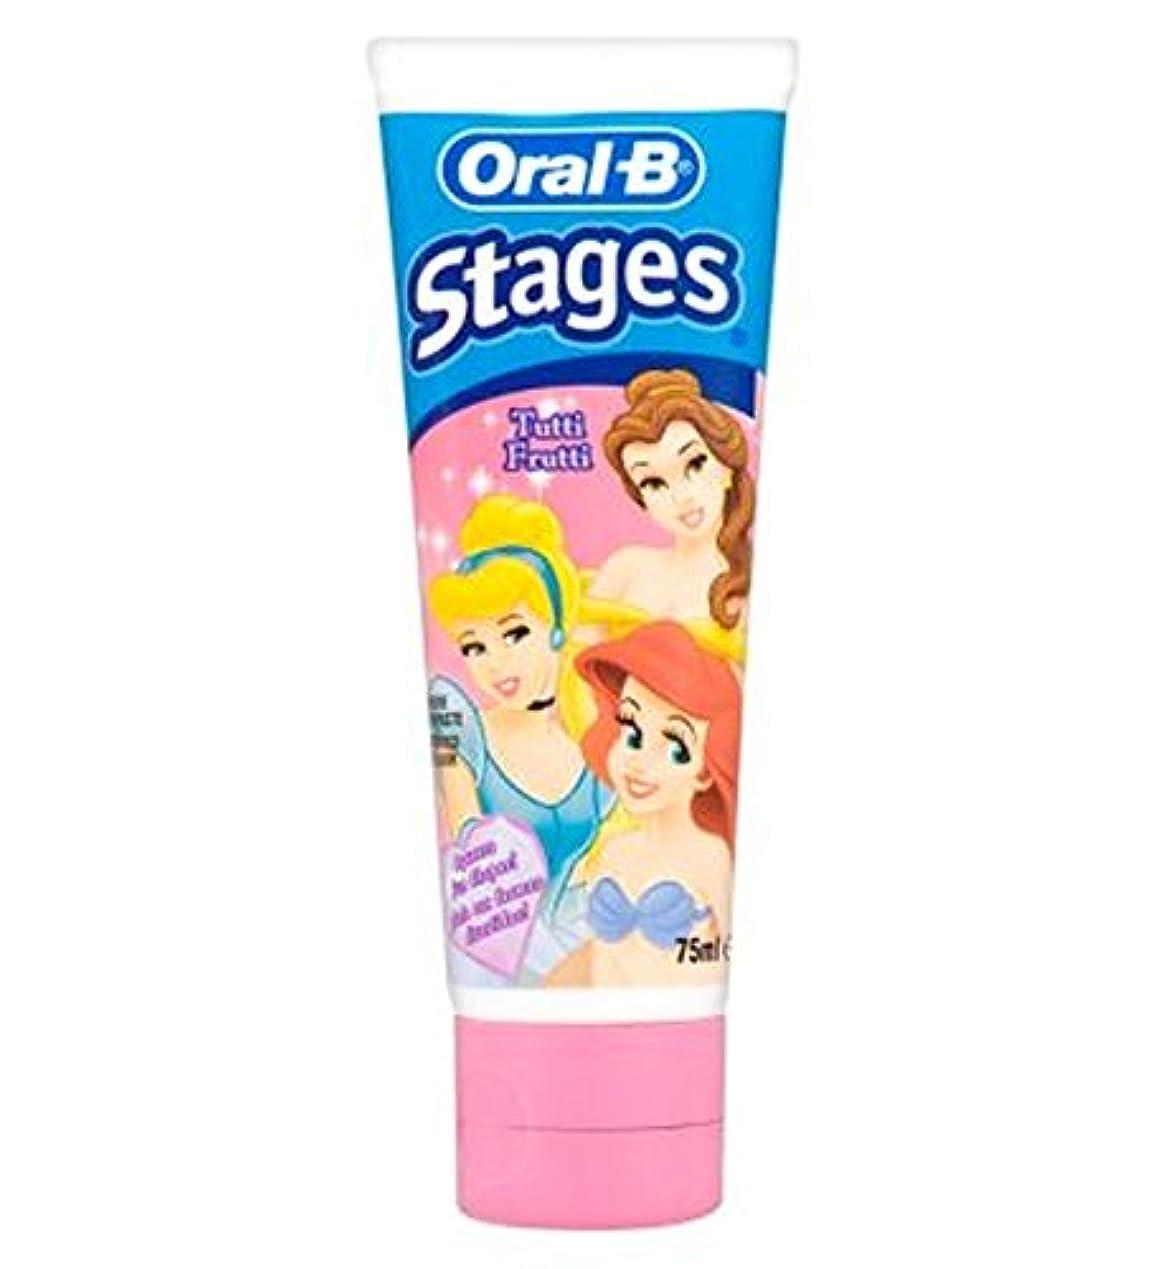 すべきダンス消毒剤オーラルBは、歯磨き粉の75ミリリットルをステージ (Oral B) (x2) - Oral-B Stages Toothpaste 75ml (Pack of 2) [並行輸入品]